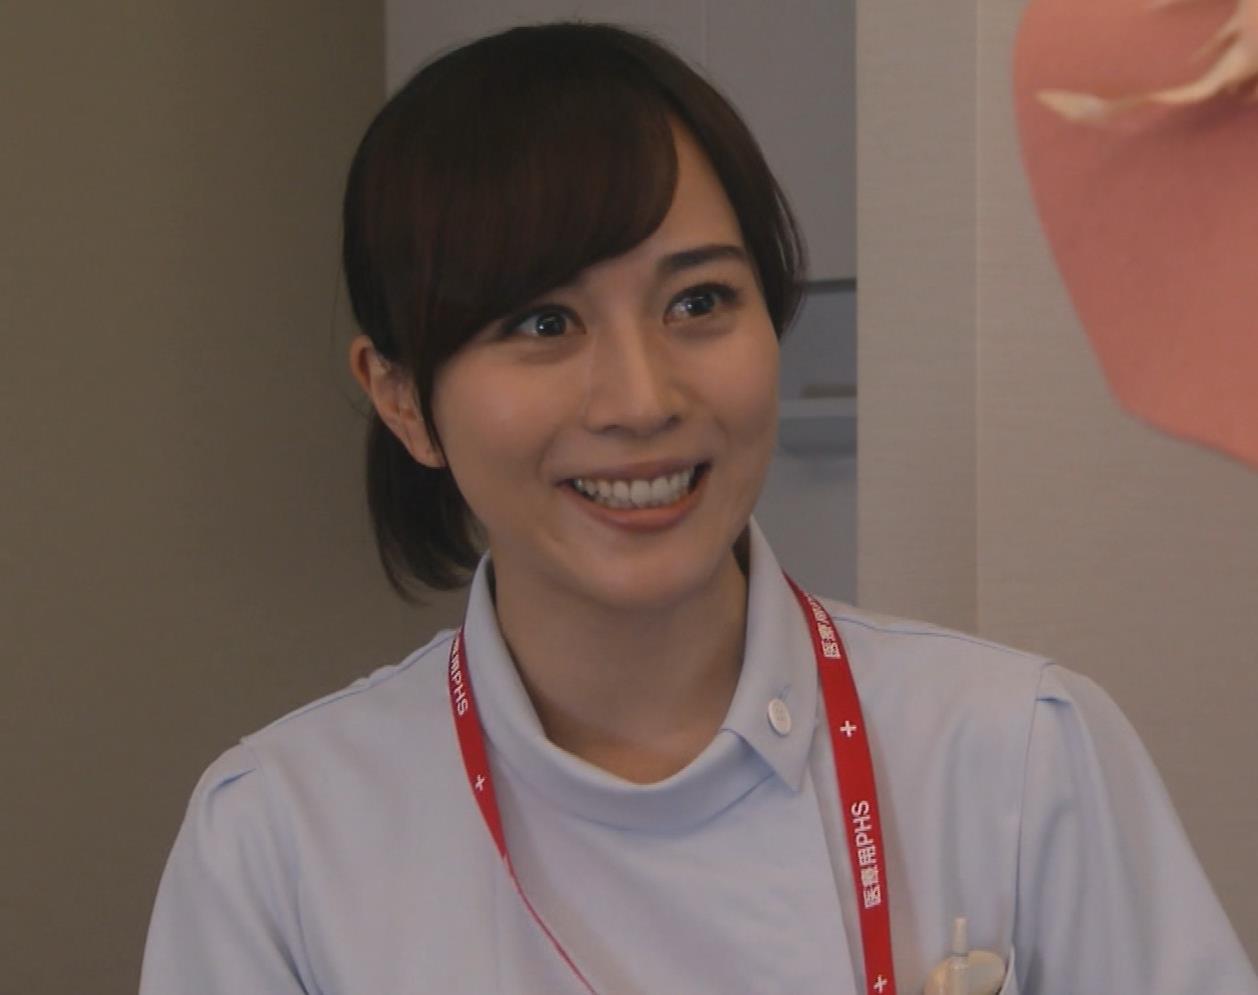 比嘉愛未 看護師役(ナース服) 「DOCTORS 最強の名医」キャプ・エロ画像16